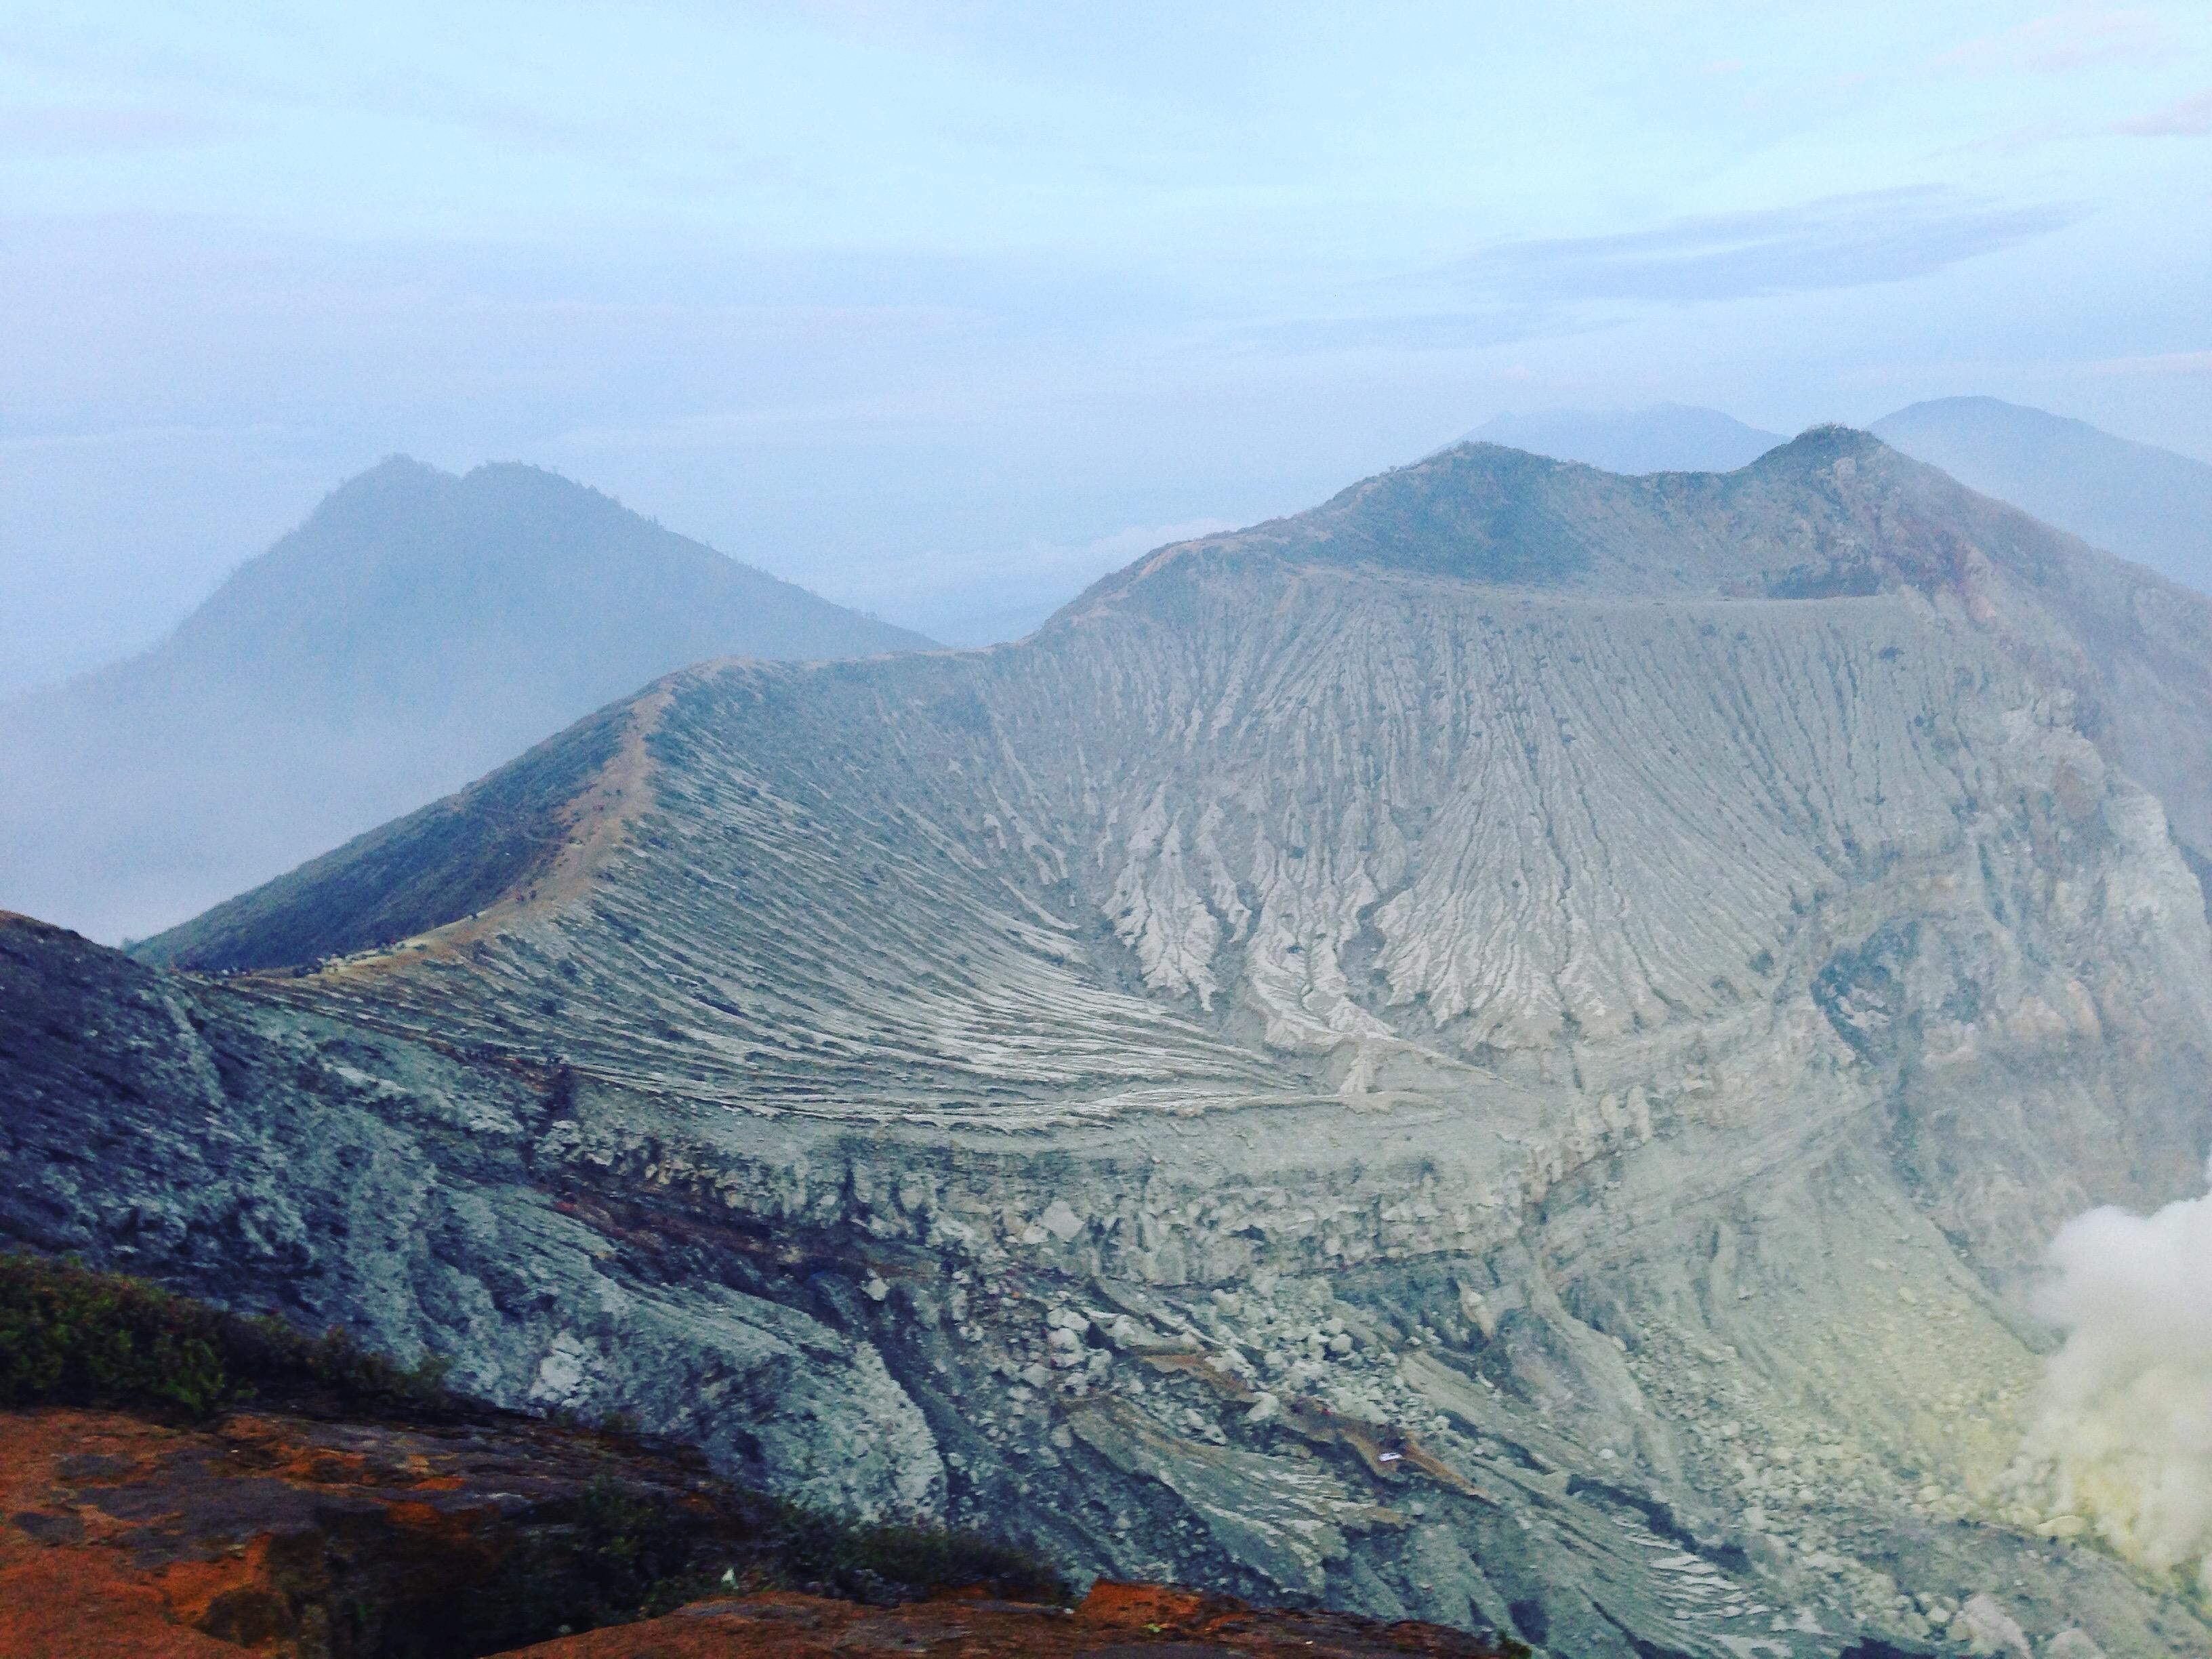 WISATA ALAM BANYUWANGI (BLUE FIRE IJEN MOUNT)